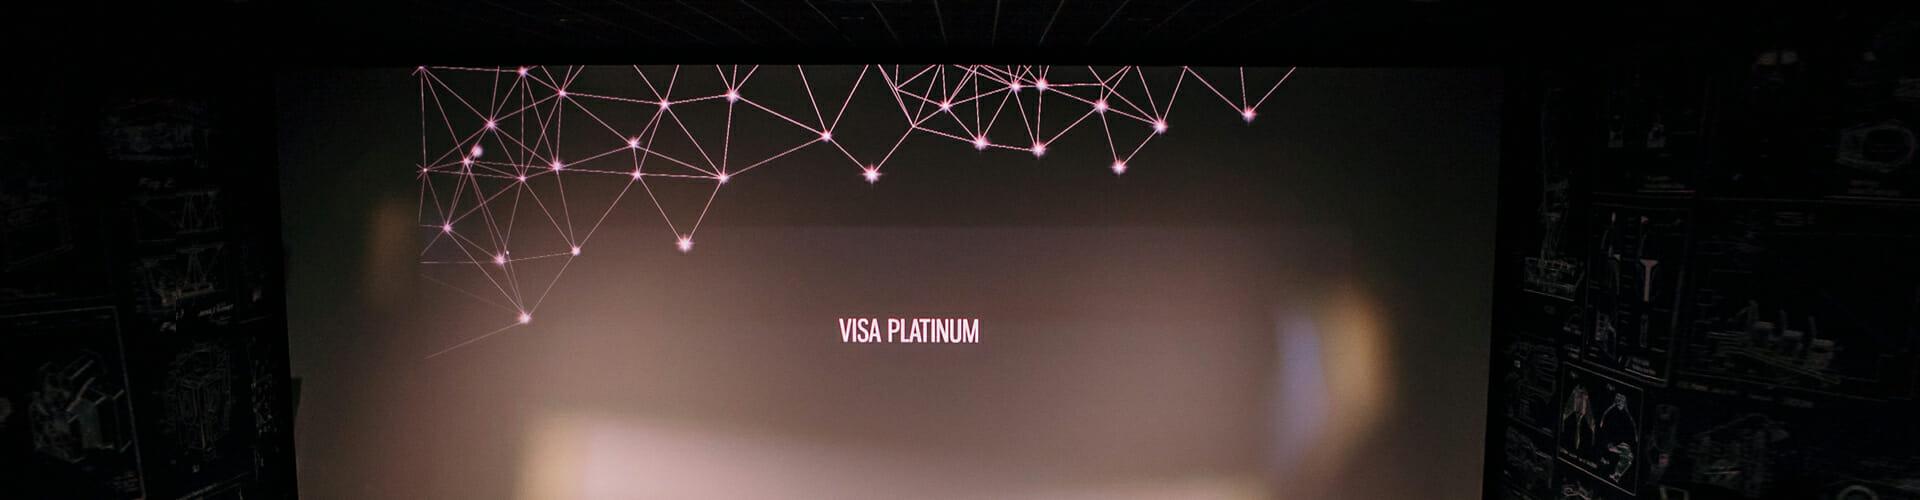 Intesa Sanpaolo Banka i kompanija Visa predstavili novu kampanju